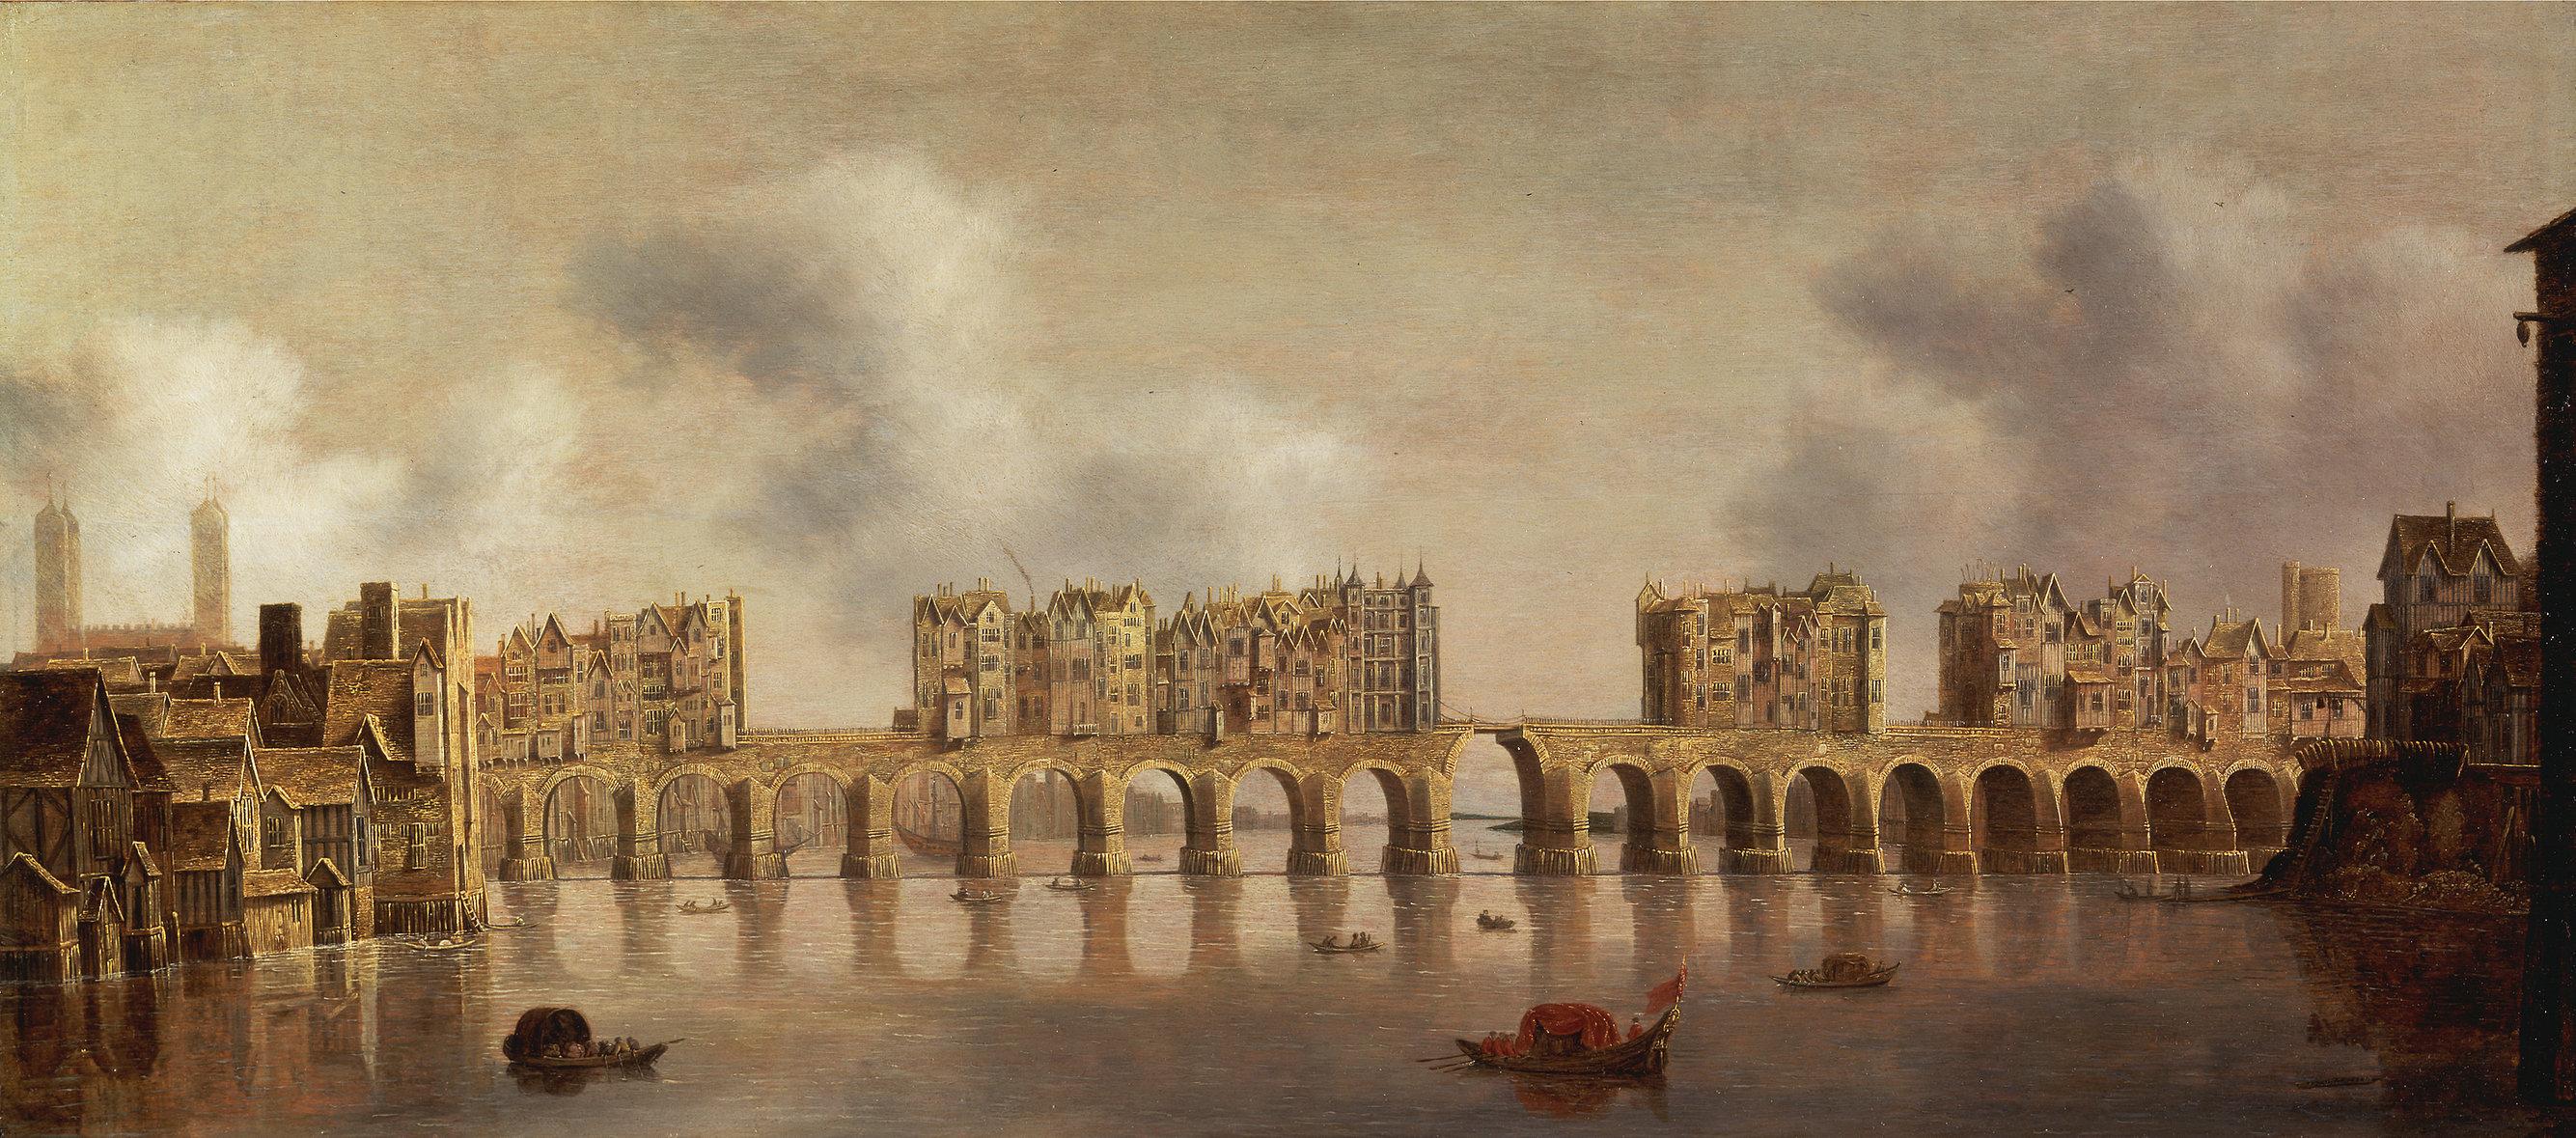 Old London Bridge, by Dutch painter Claude de Jongh (1632)